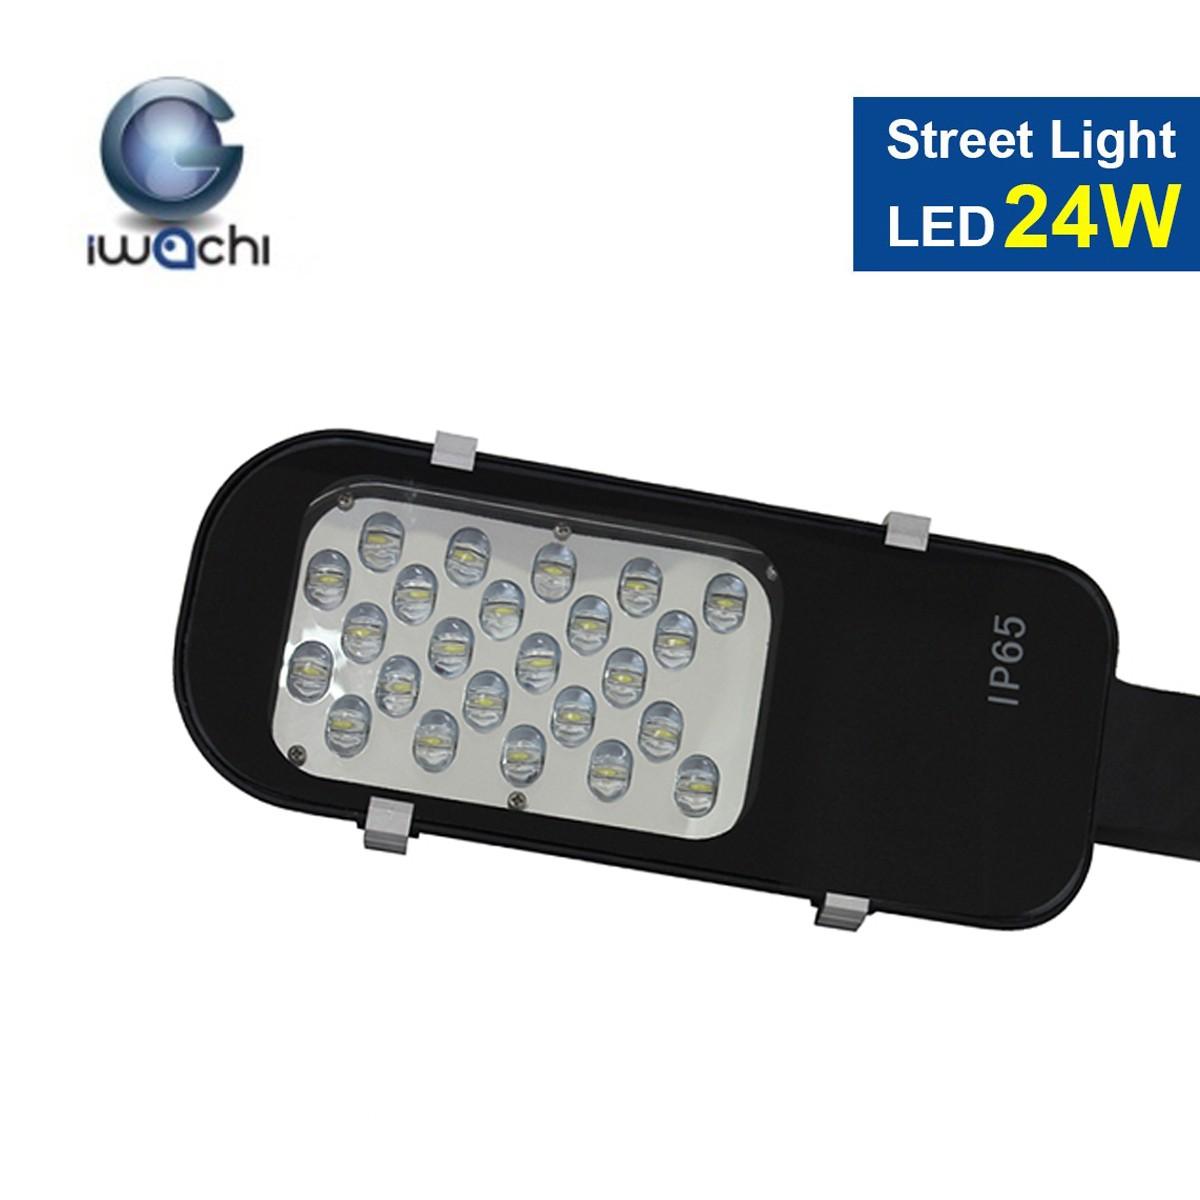 โคมไฟถนน LED Street Light 24w (วอร์มไวท์) IWACHI